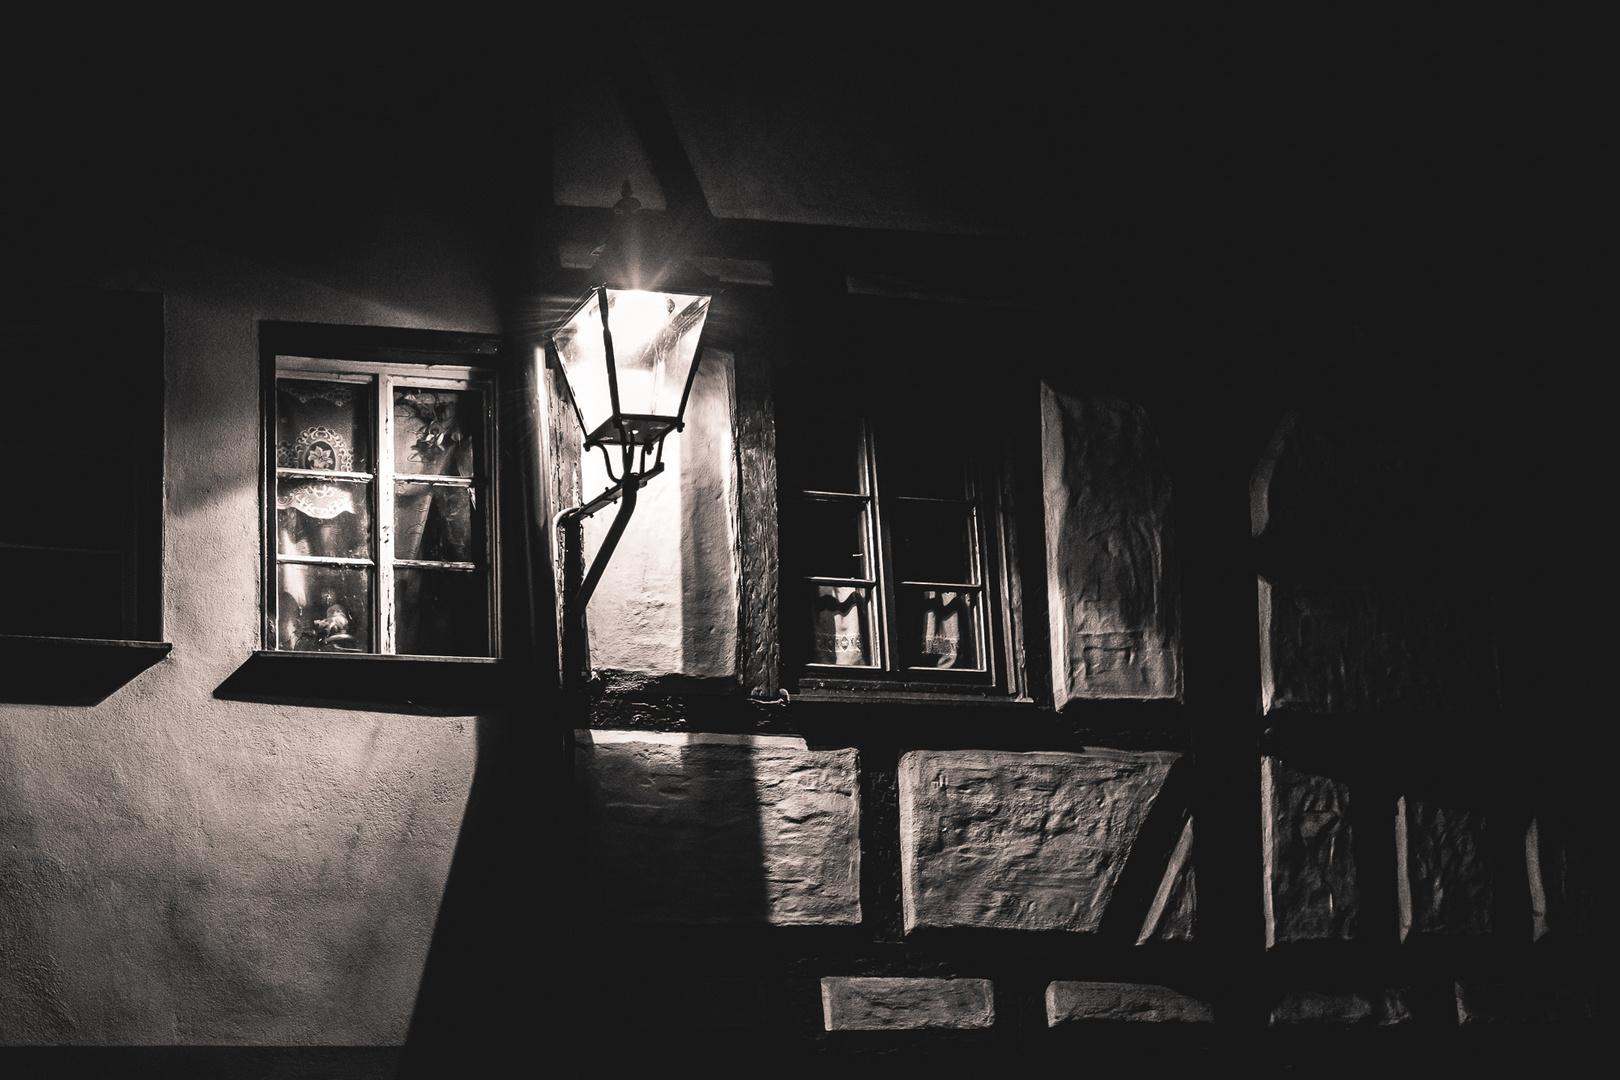 03-Nürnberg-Altstadt-Laterne-Available-Light-Jürgen Klieber-161119